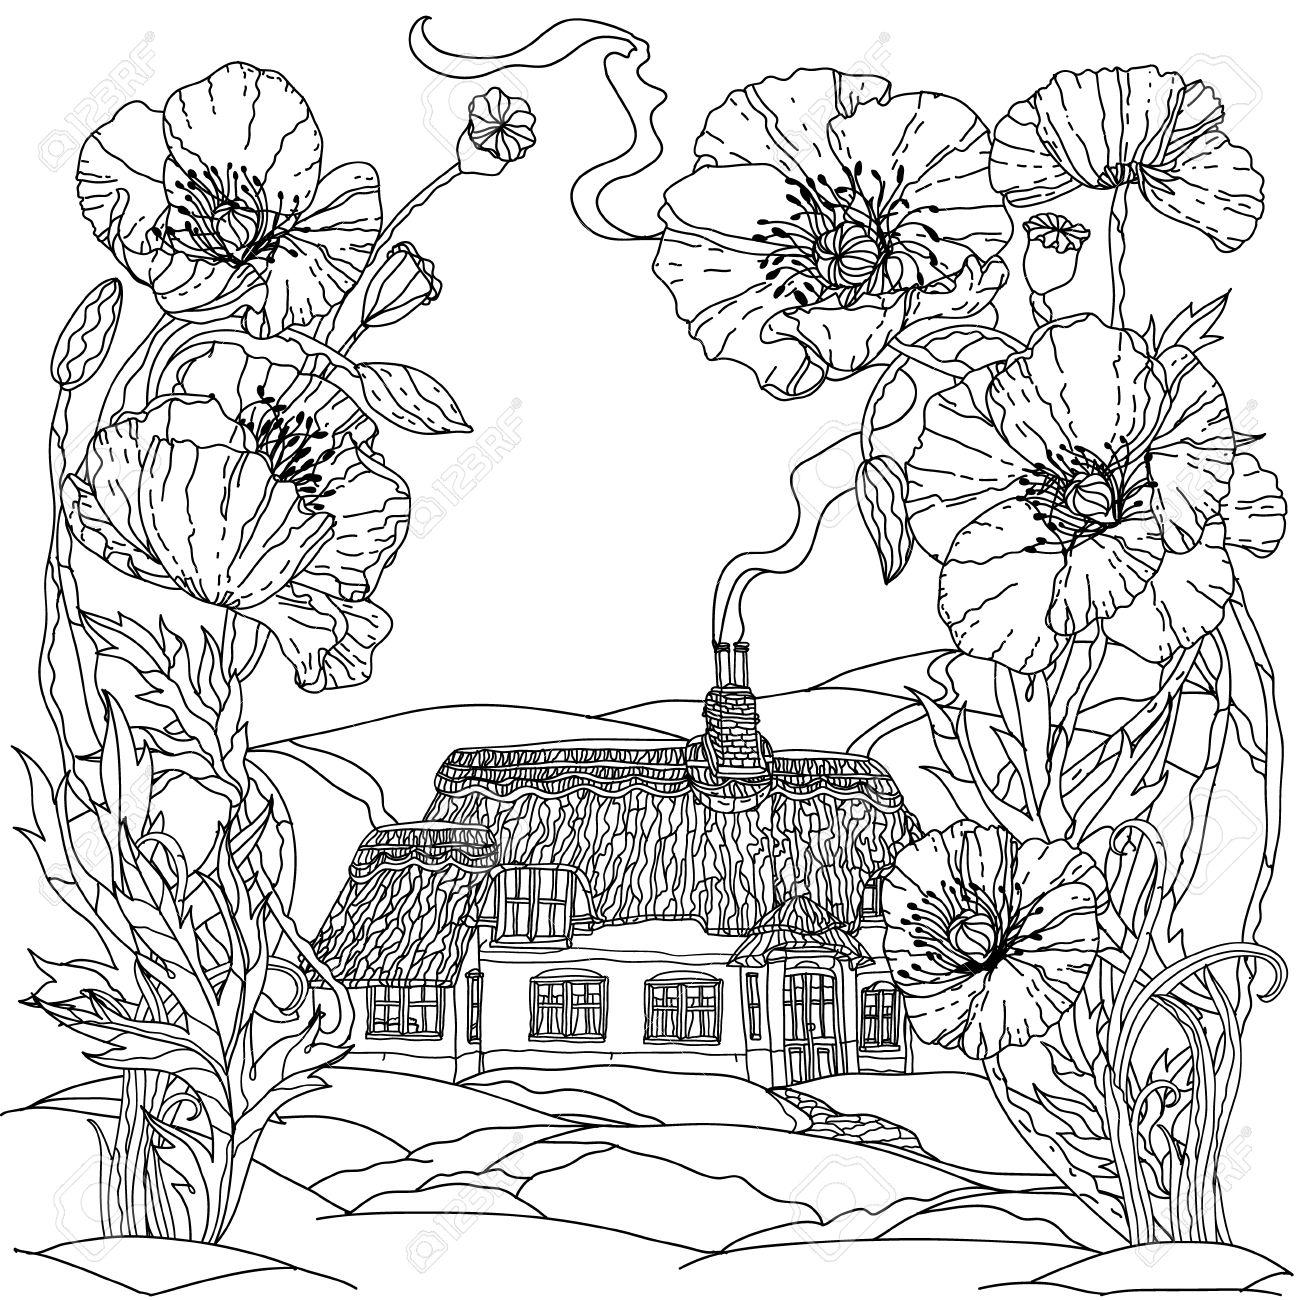 casa campo. el dibujo de la segunda casita para colorear esta ...